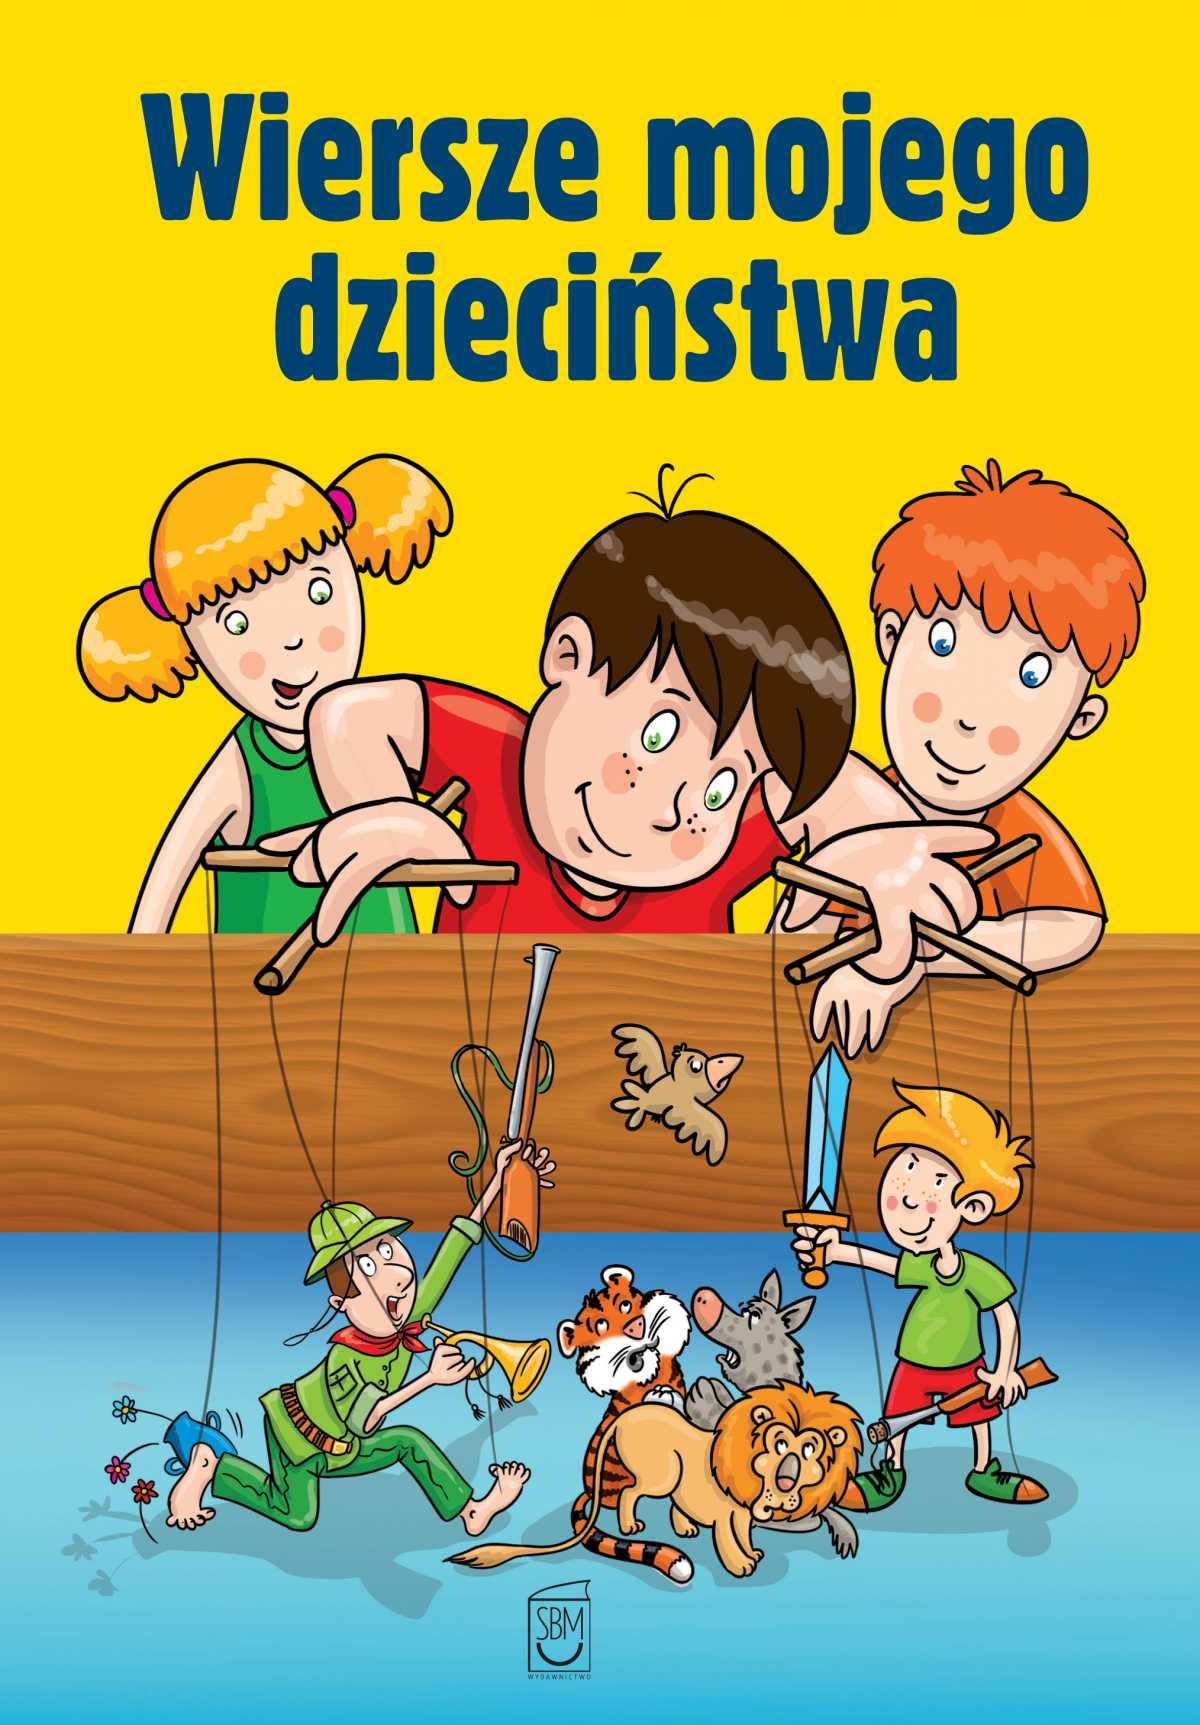 Wiersze mojego dzieciństwa - Ebook (Książka PDF) do pobrania w formacie PDF